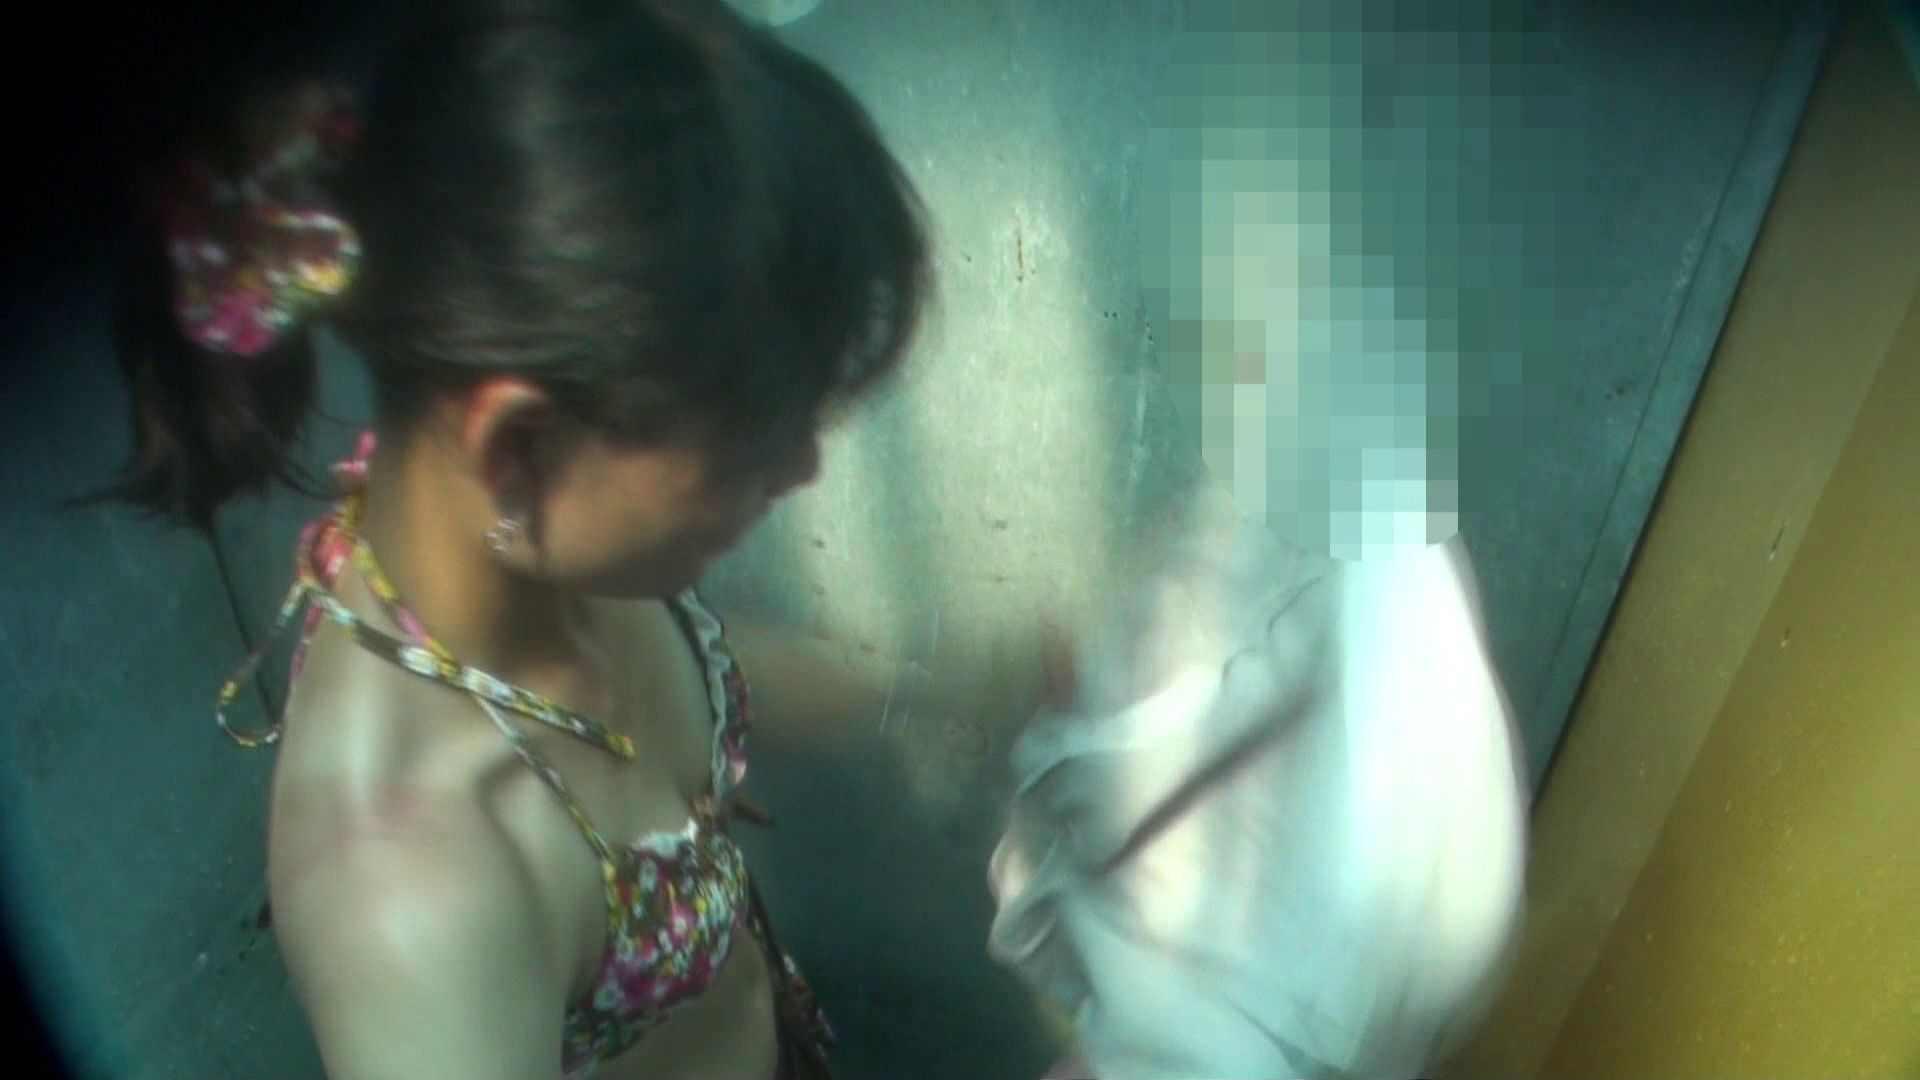 シャワールームは超!!危険な香りVol.16 意外に乳首は年増のそれ 乳首 | OLの実態  61pic 57